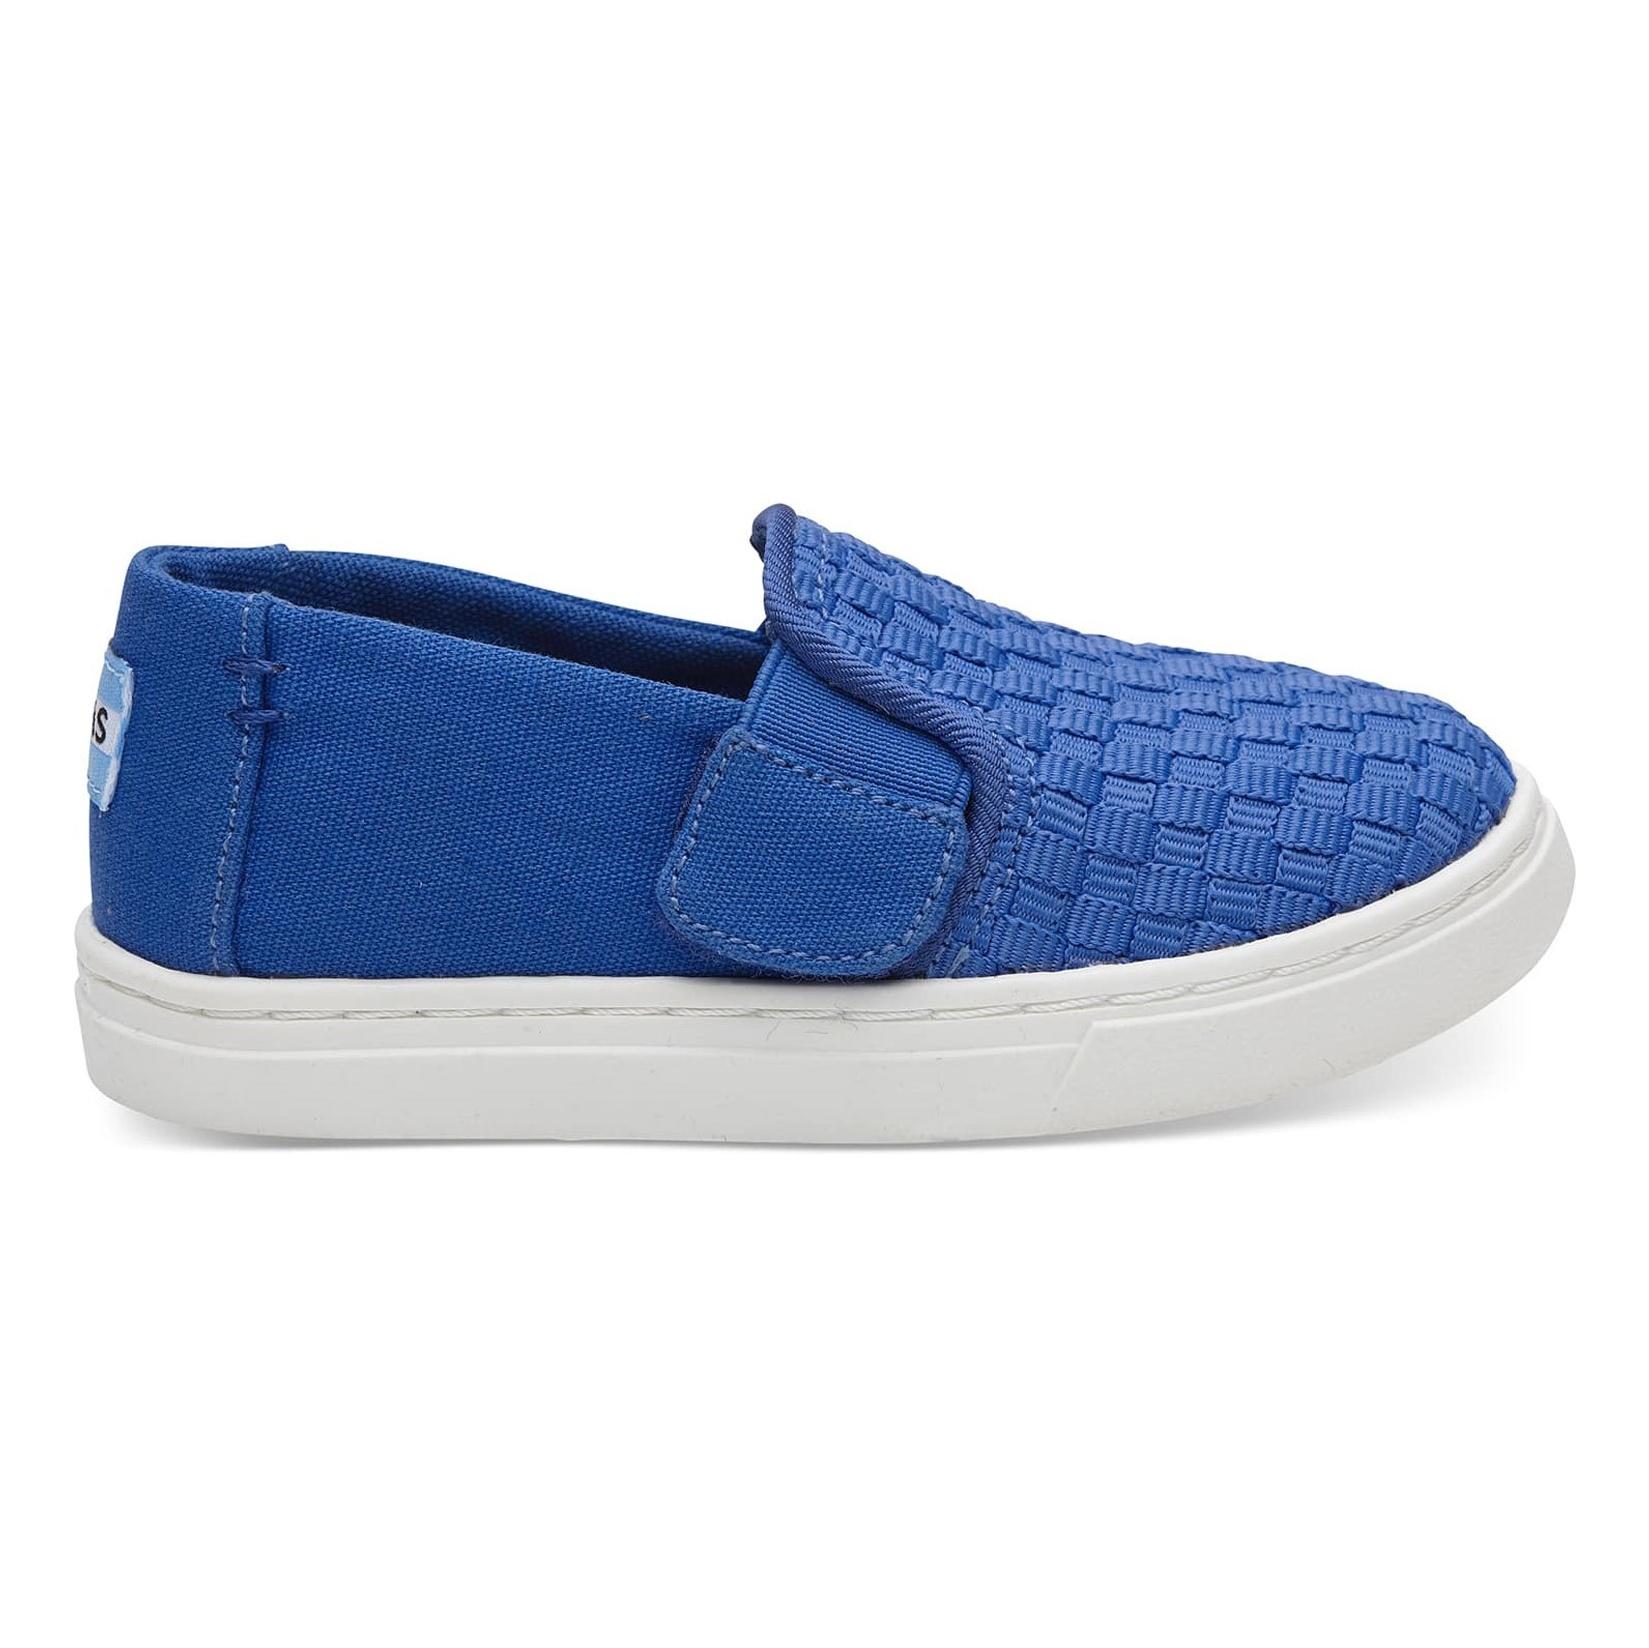 کفش پارچه ای چسبی پسرانه LUCA - تامز